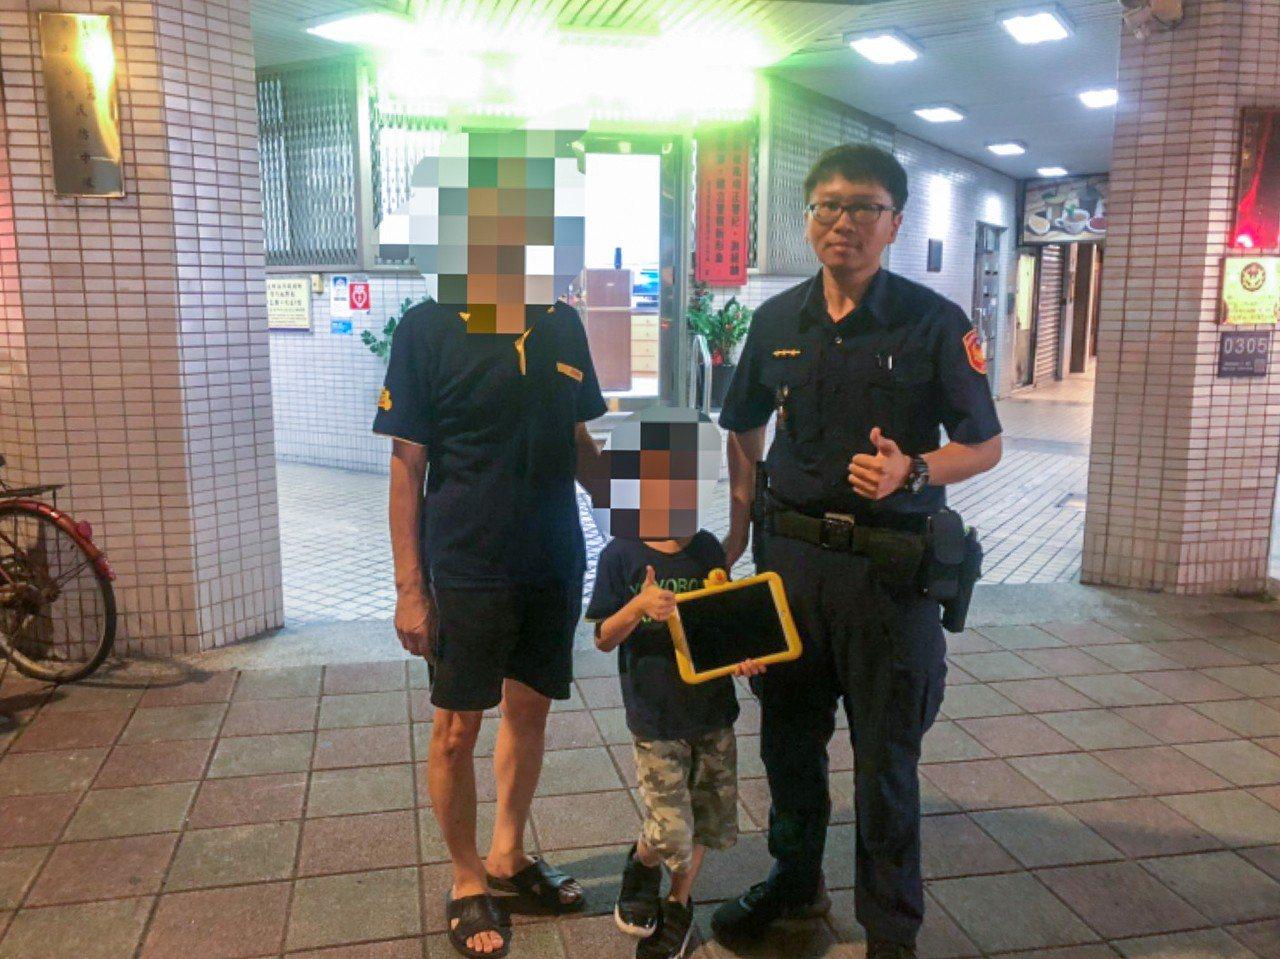 中山分局長安東路派出所警員吳俊融(右1)熱心幫民眾尋回遺失物。記者蔡翼謙/翻攝